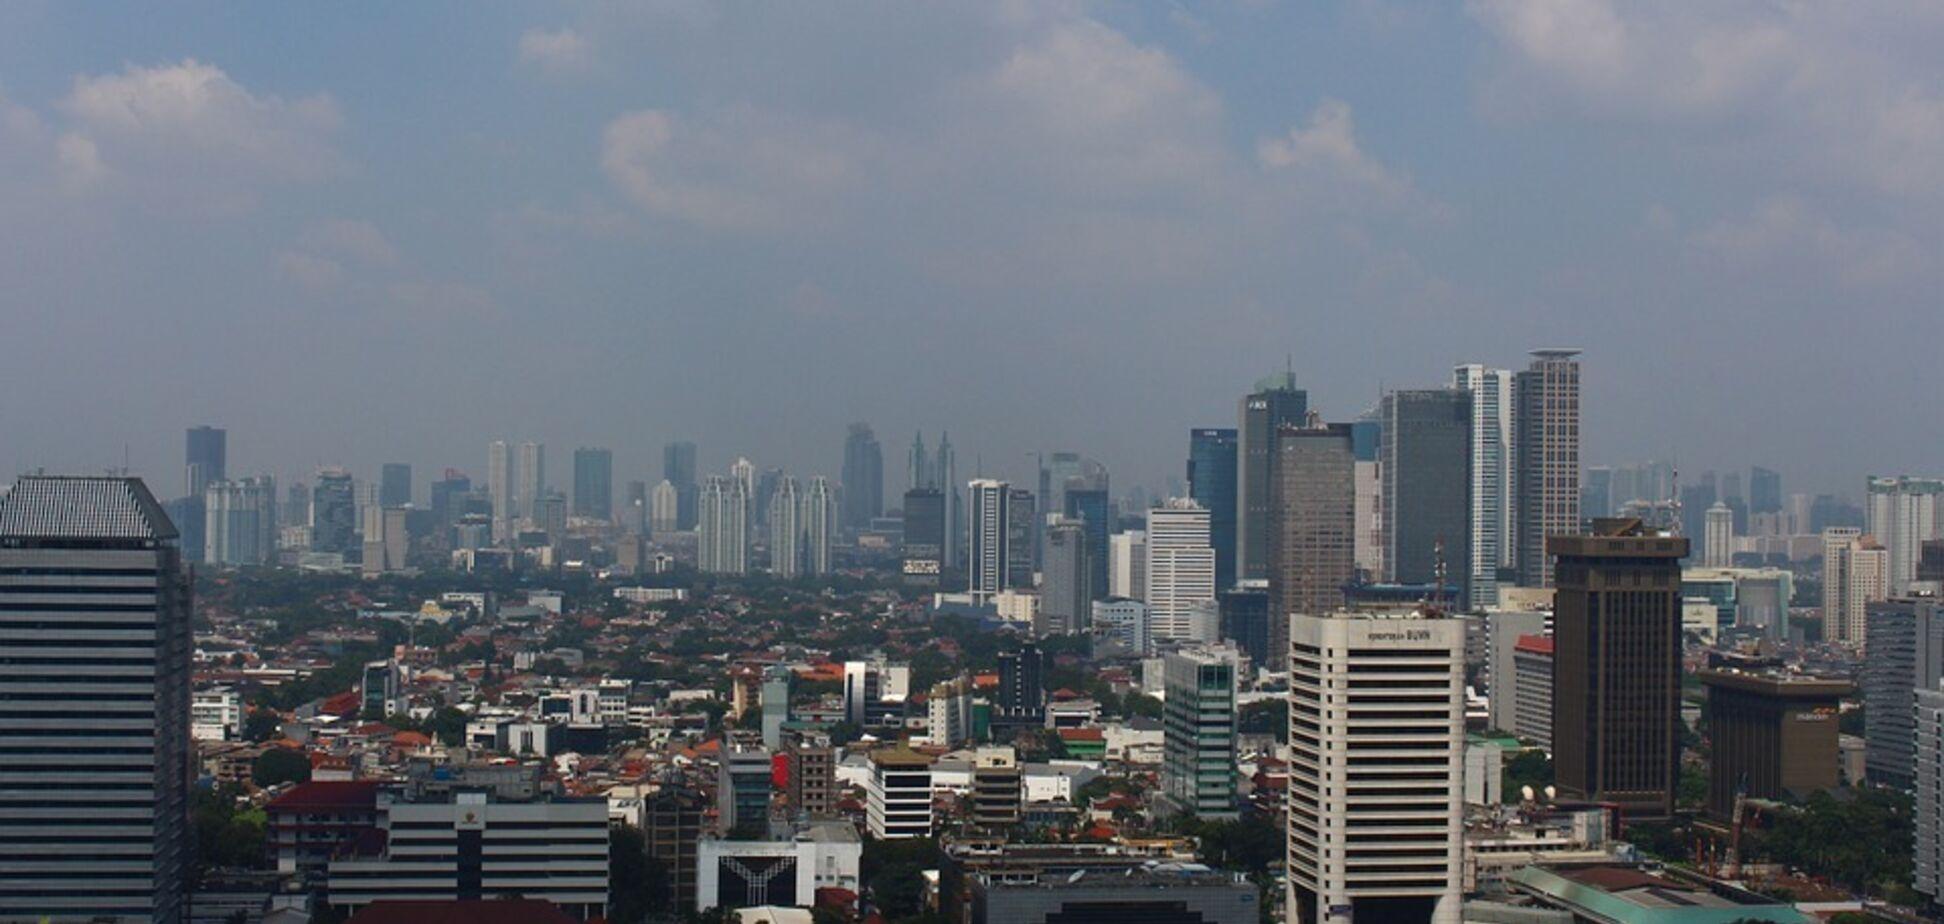 Величезна столиця в Азії зникає під водою: фото міста, що гине